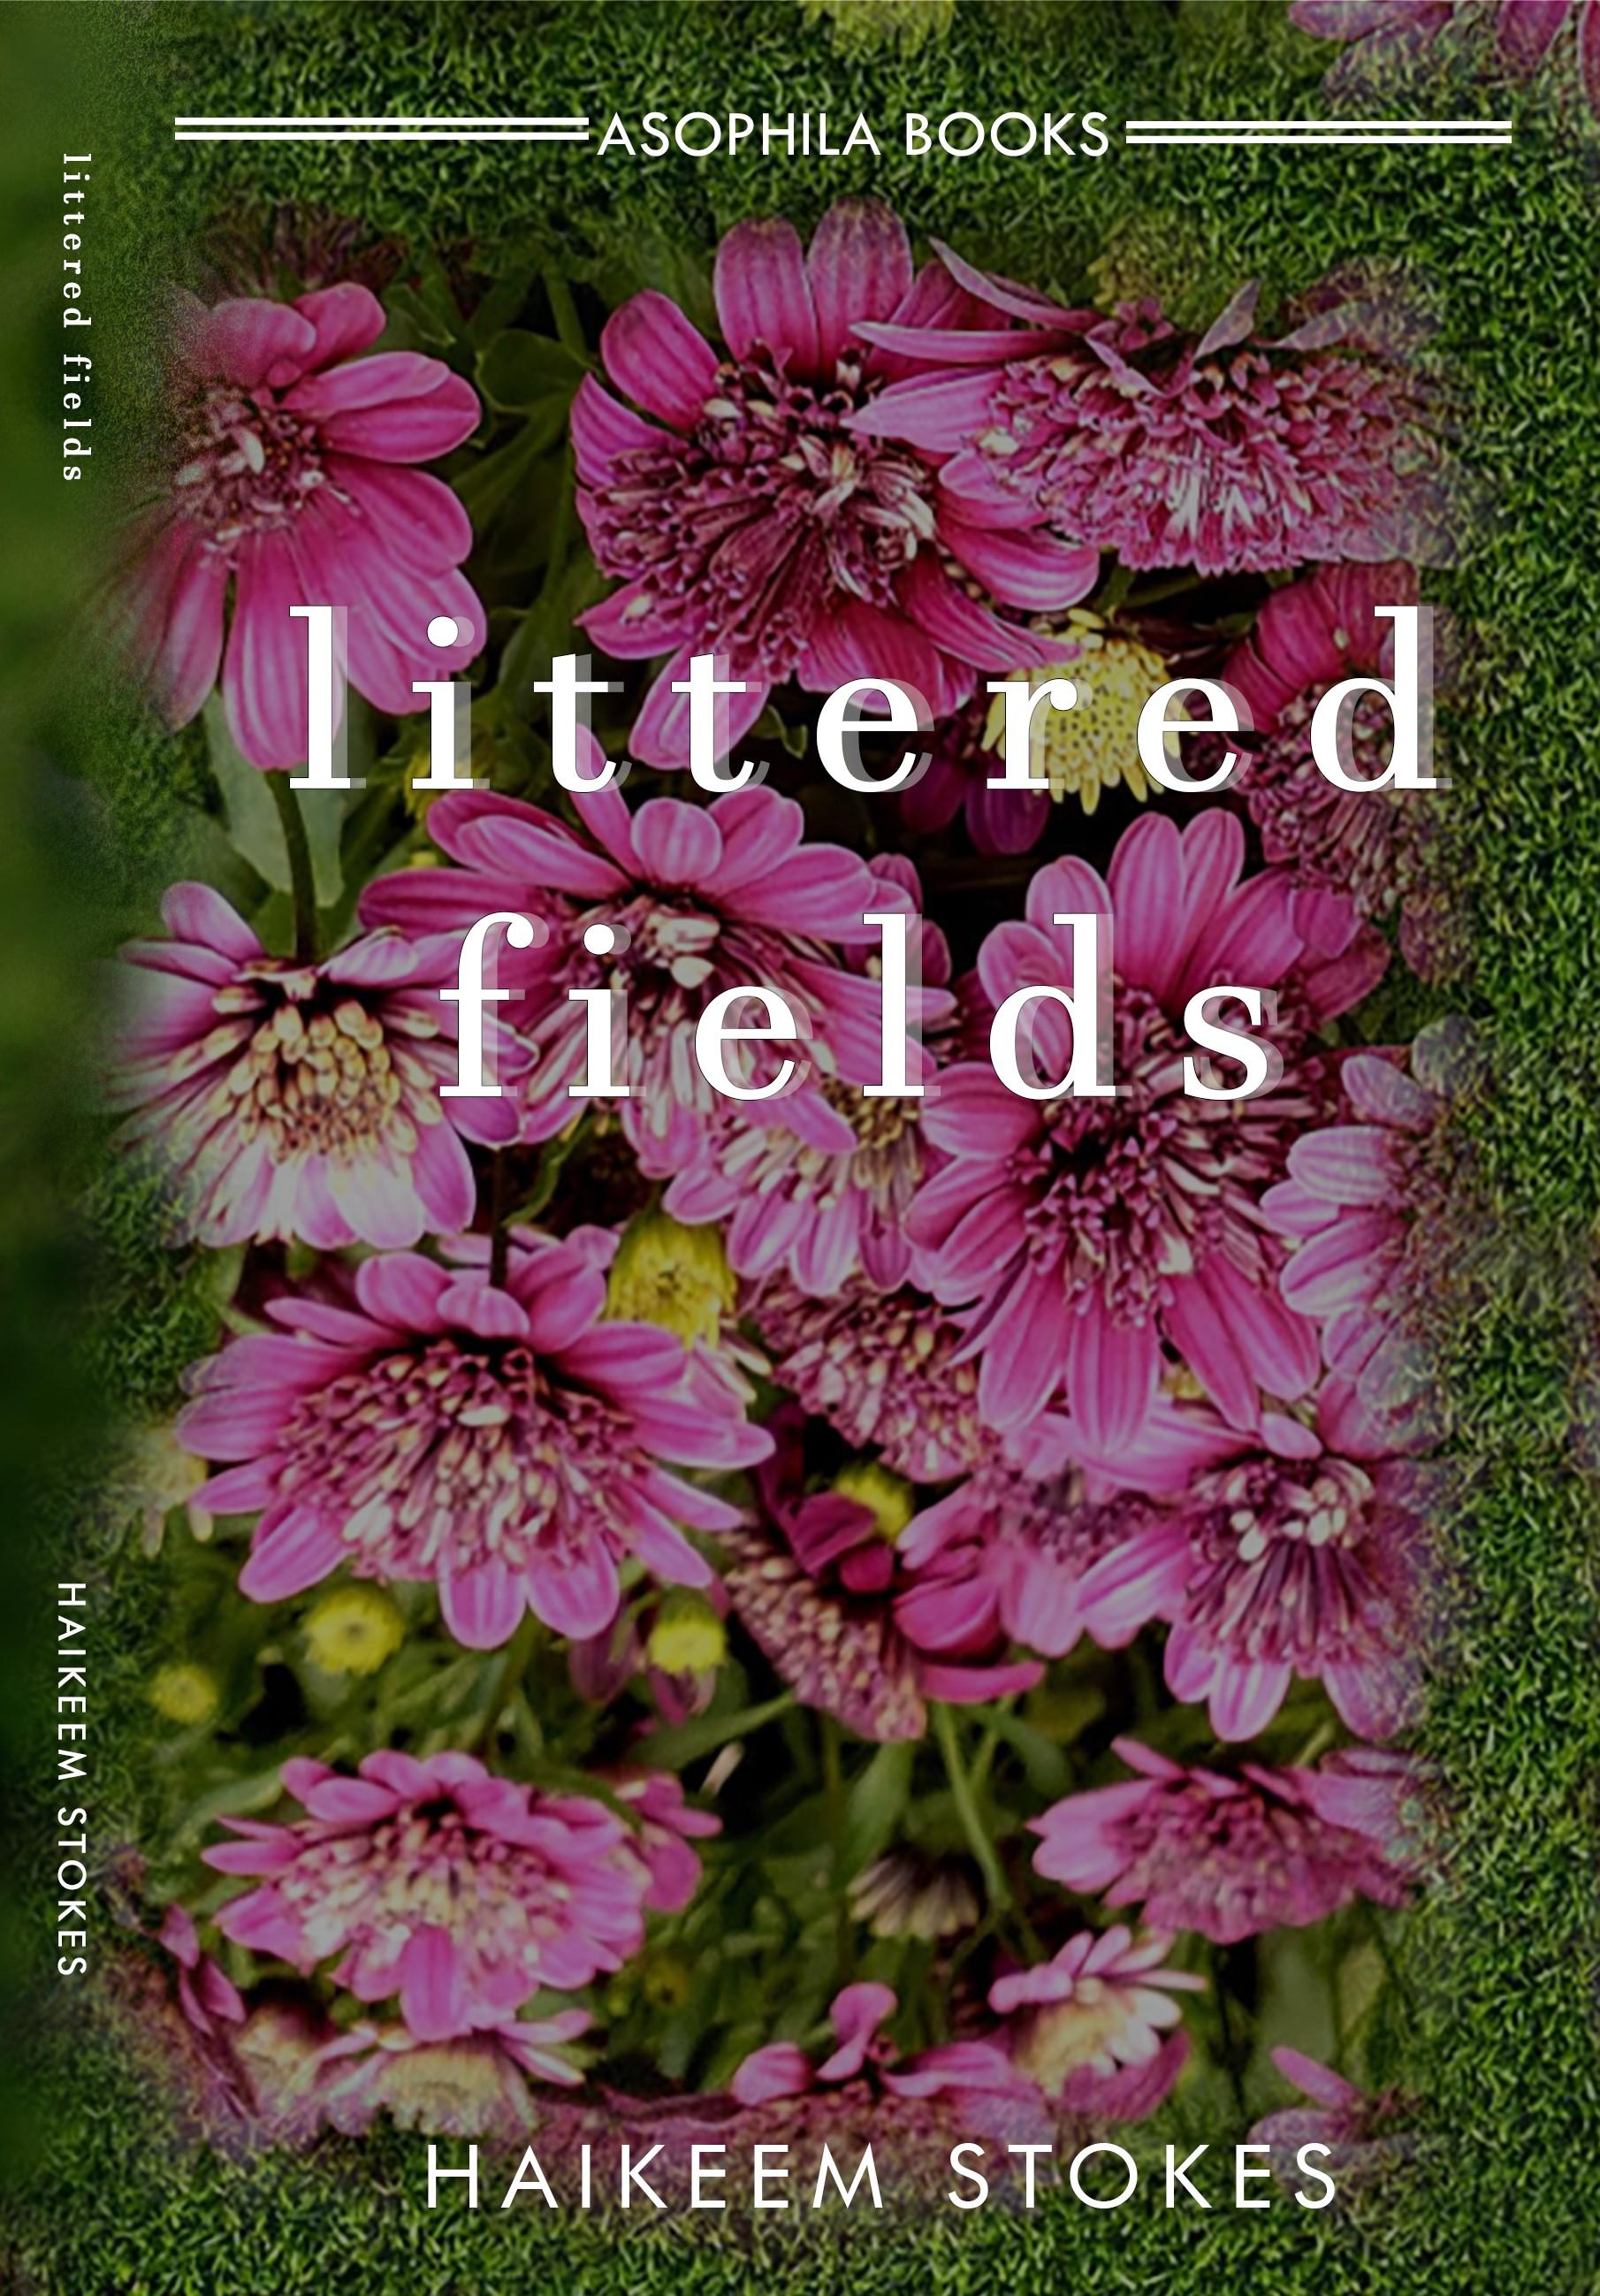 Littered Fields